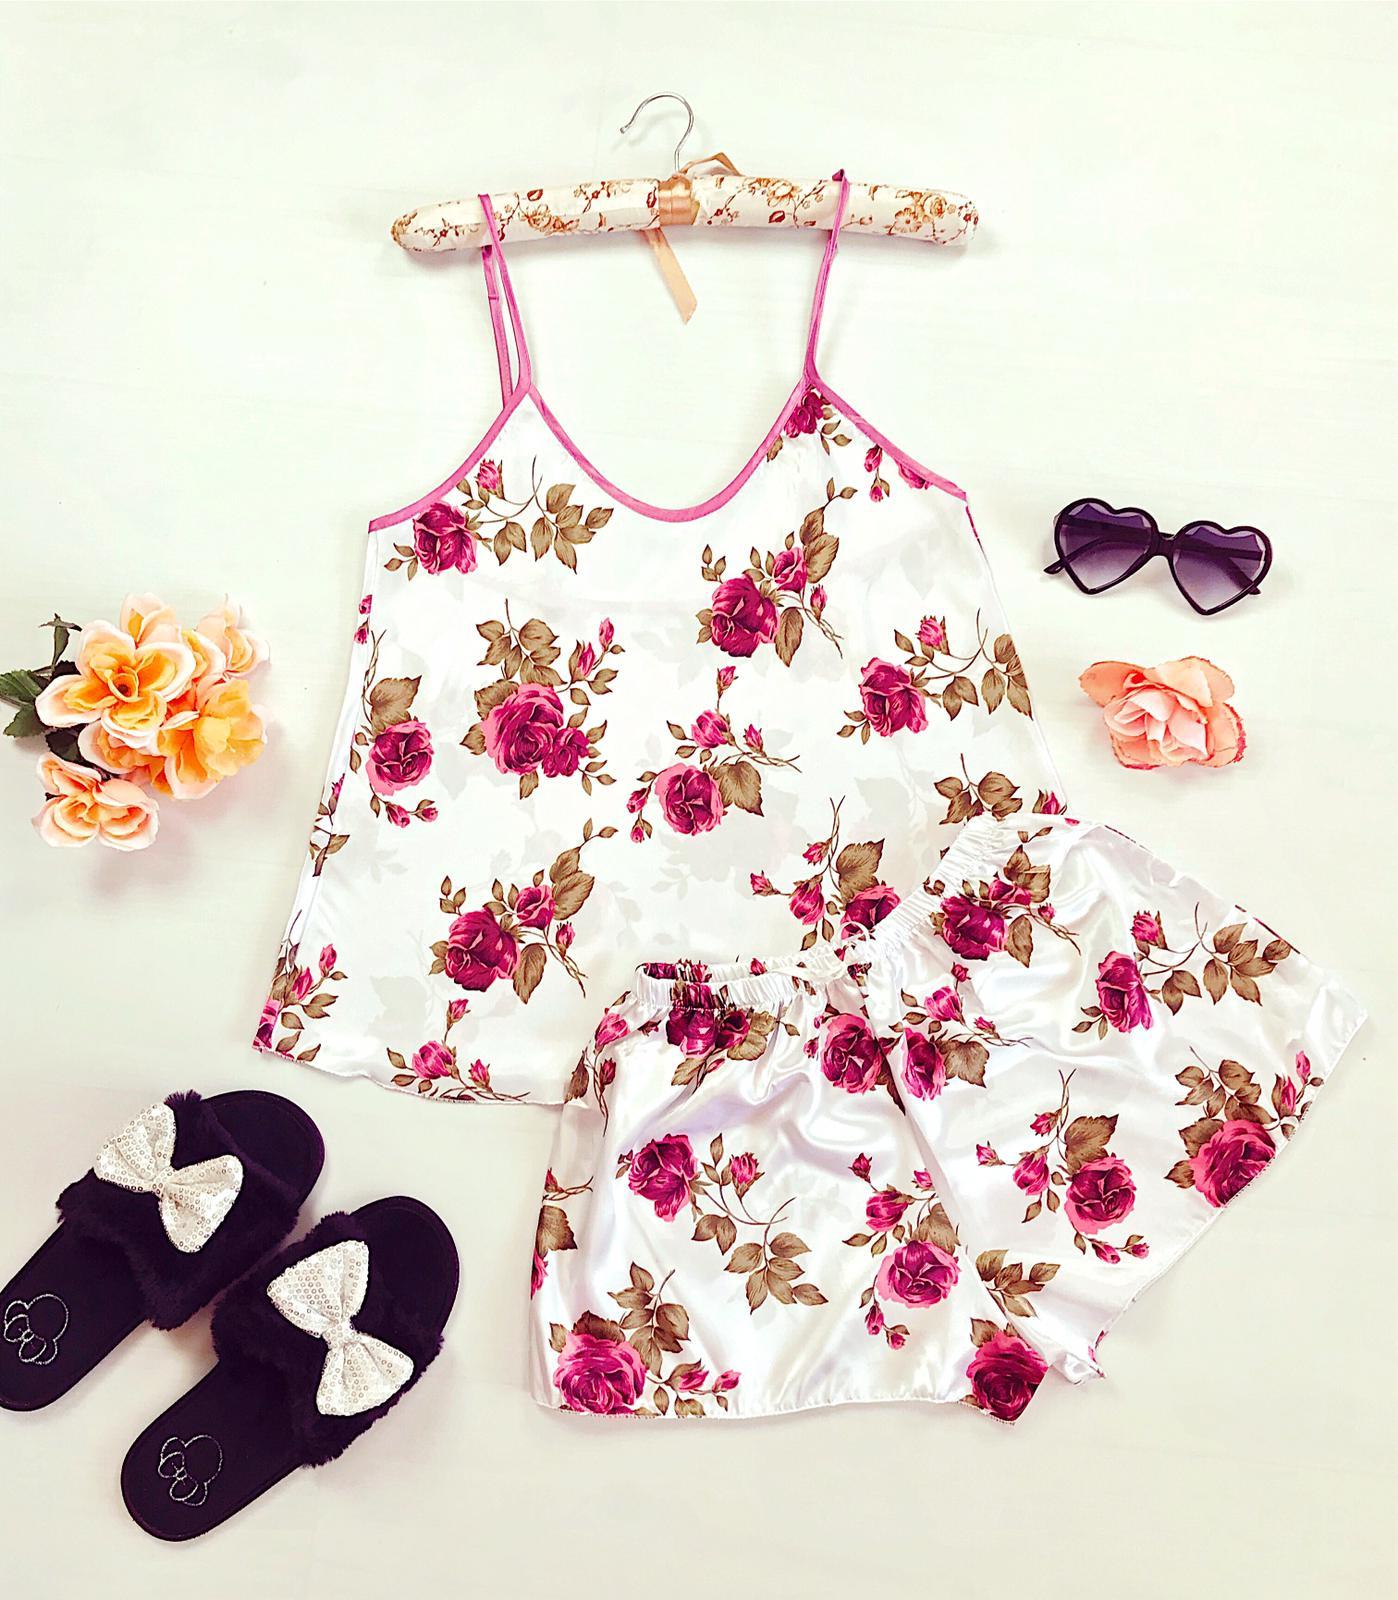 Compleu pijama set maiou si pantaloni scurti din satin premium alb cu imprimeu trandafiri roz delicati